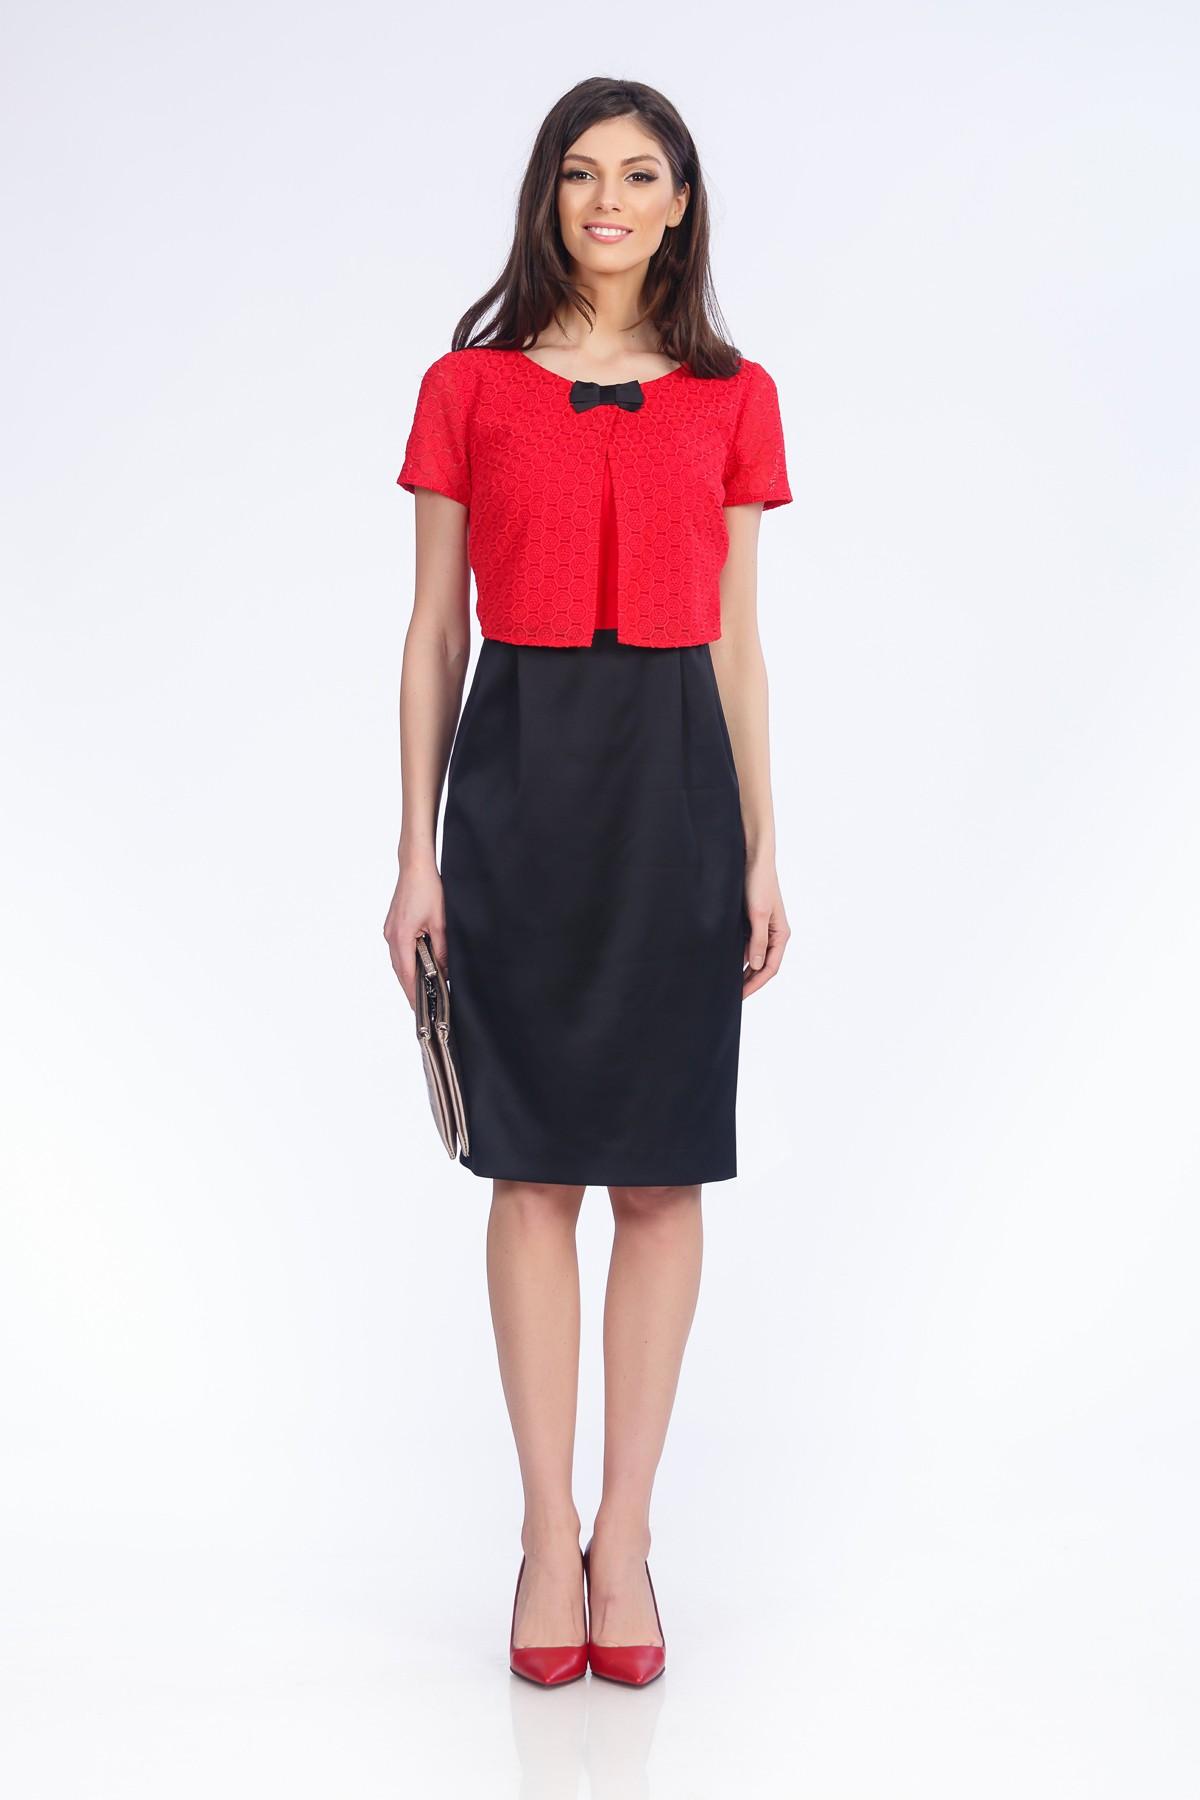 rochie-rosu-negru-sense